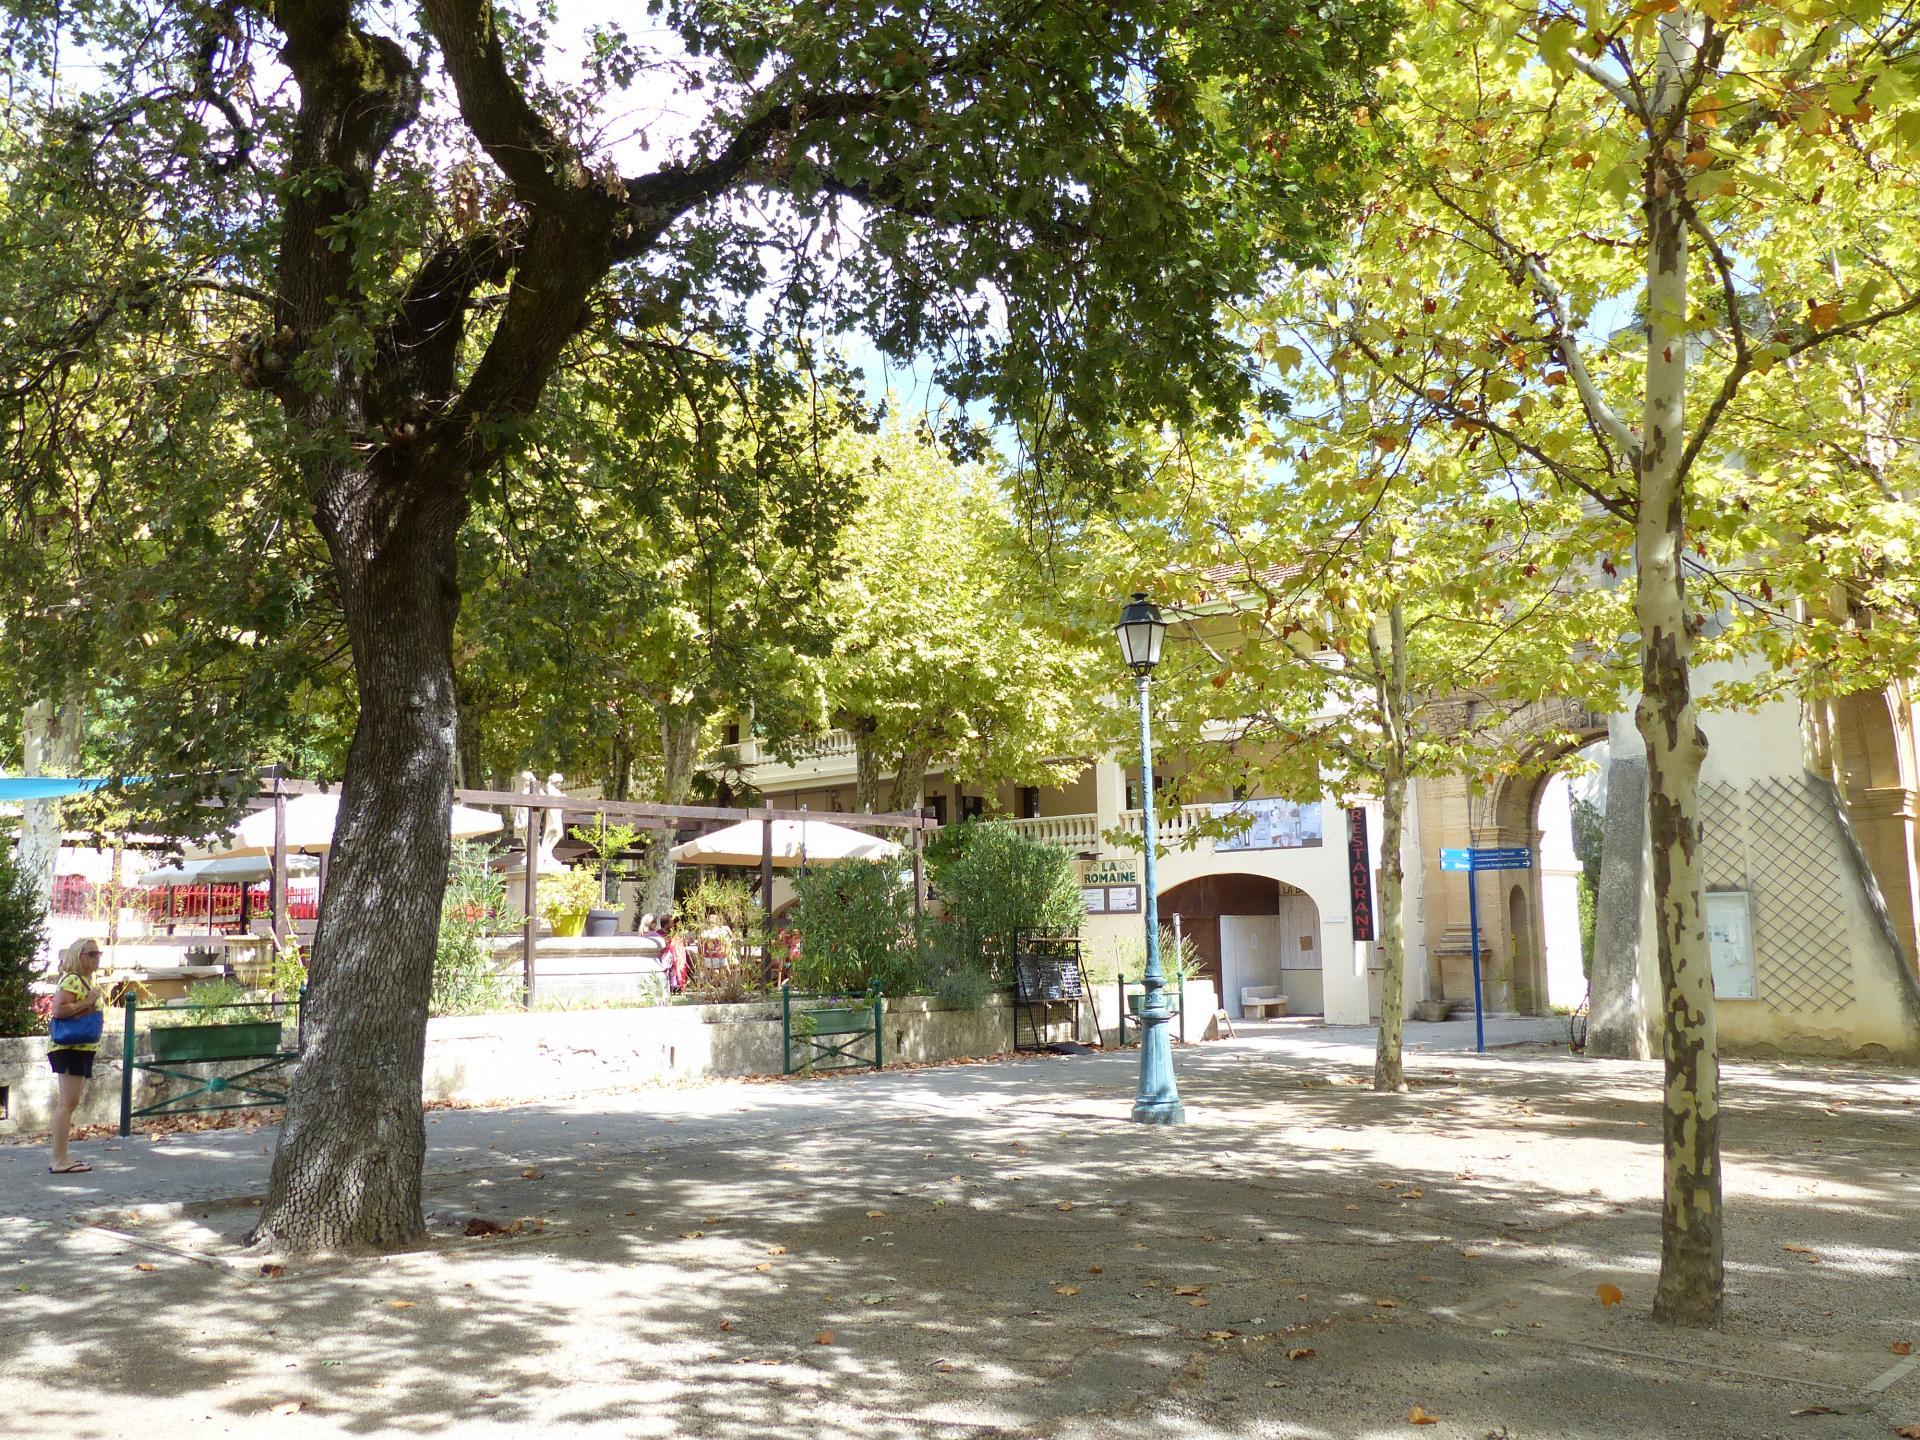 Le Parc Thermal